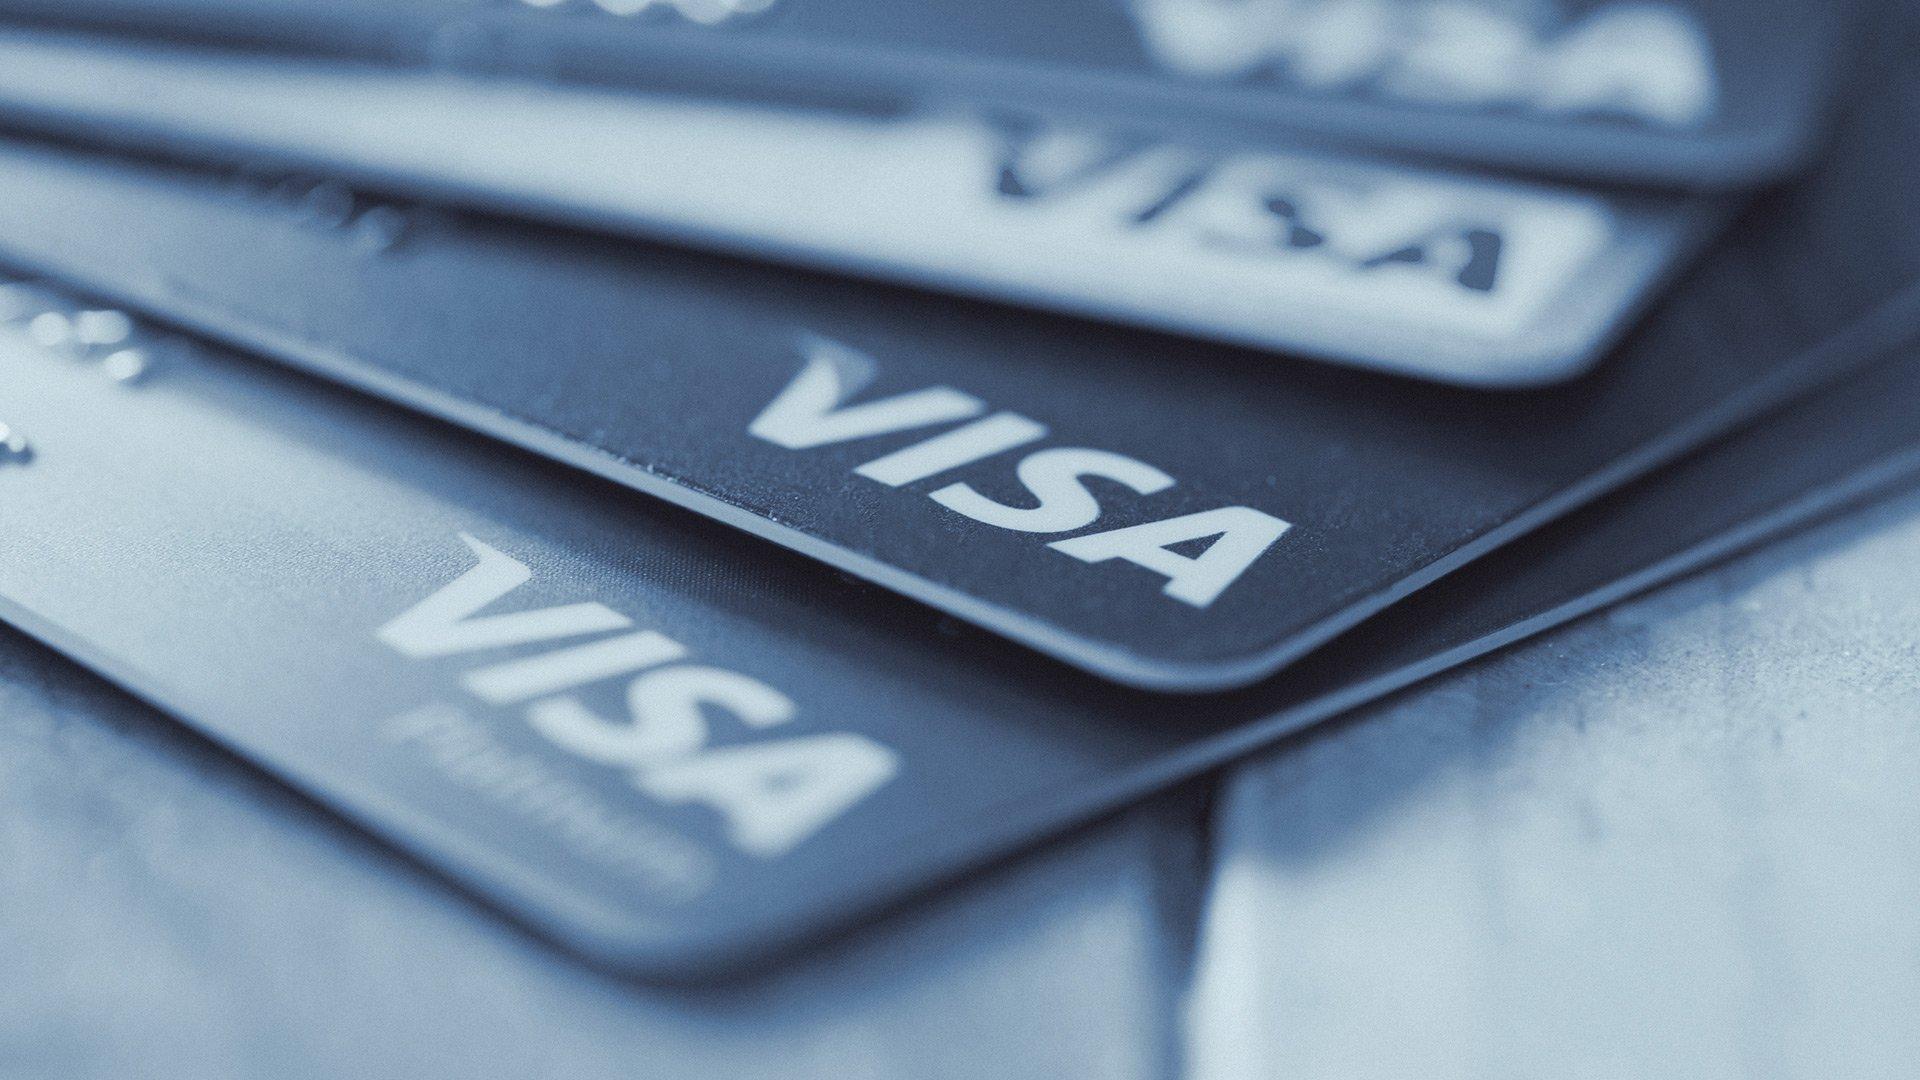 El emisor de tarjetas criptográficas Wirex se convierte en miembro principal de Visa en Europa